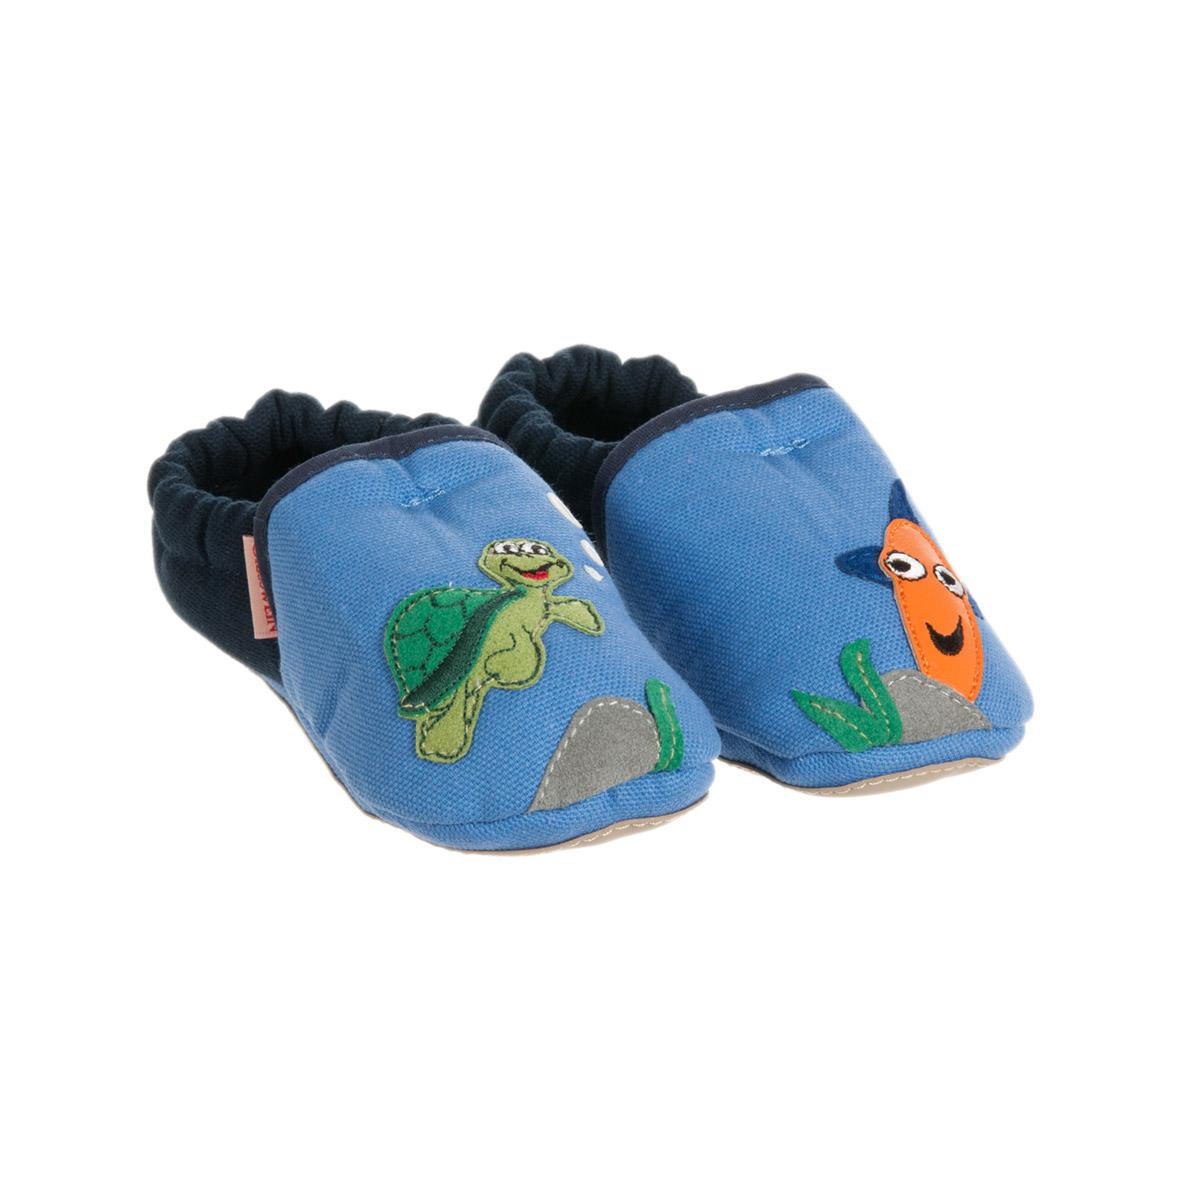 tessuti pregiati il più votato a buon mercato seleziona per il più recente pantofole per bambini con suola antiscivolo per i primi passi firmato  GIESSWEIN